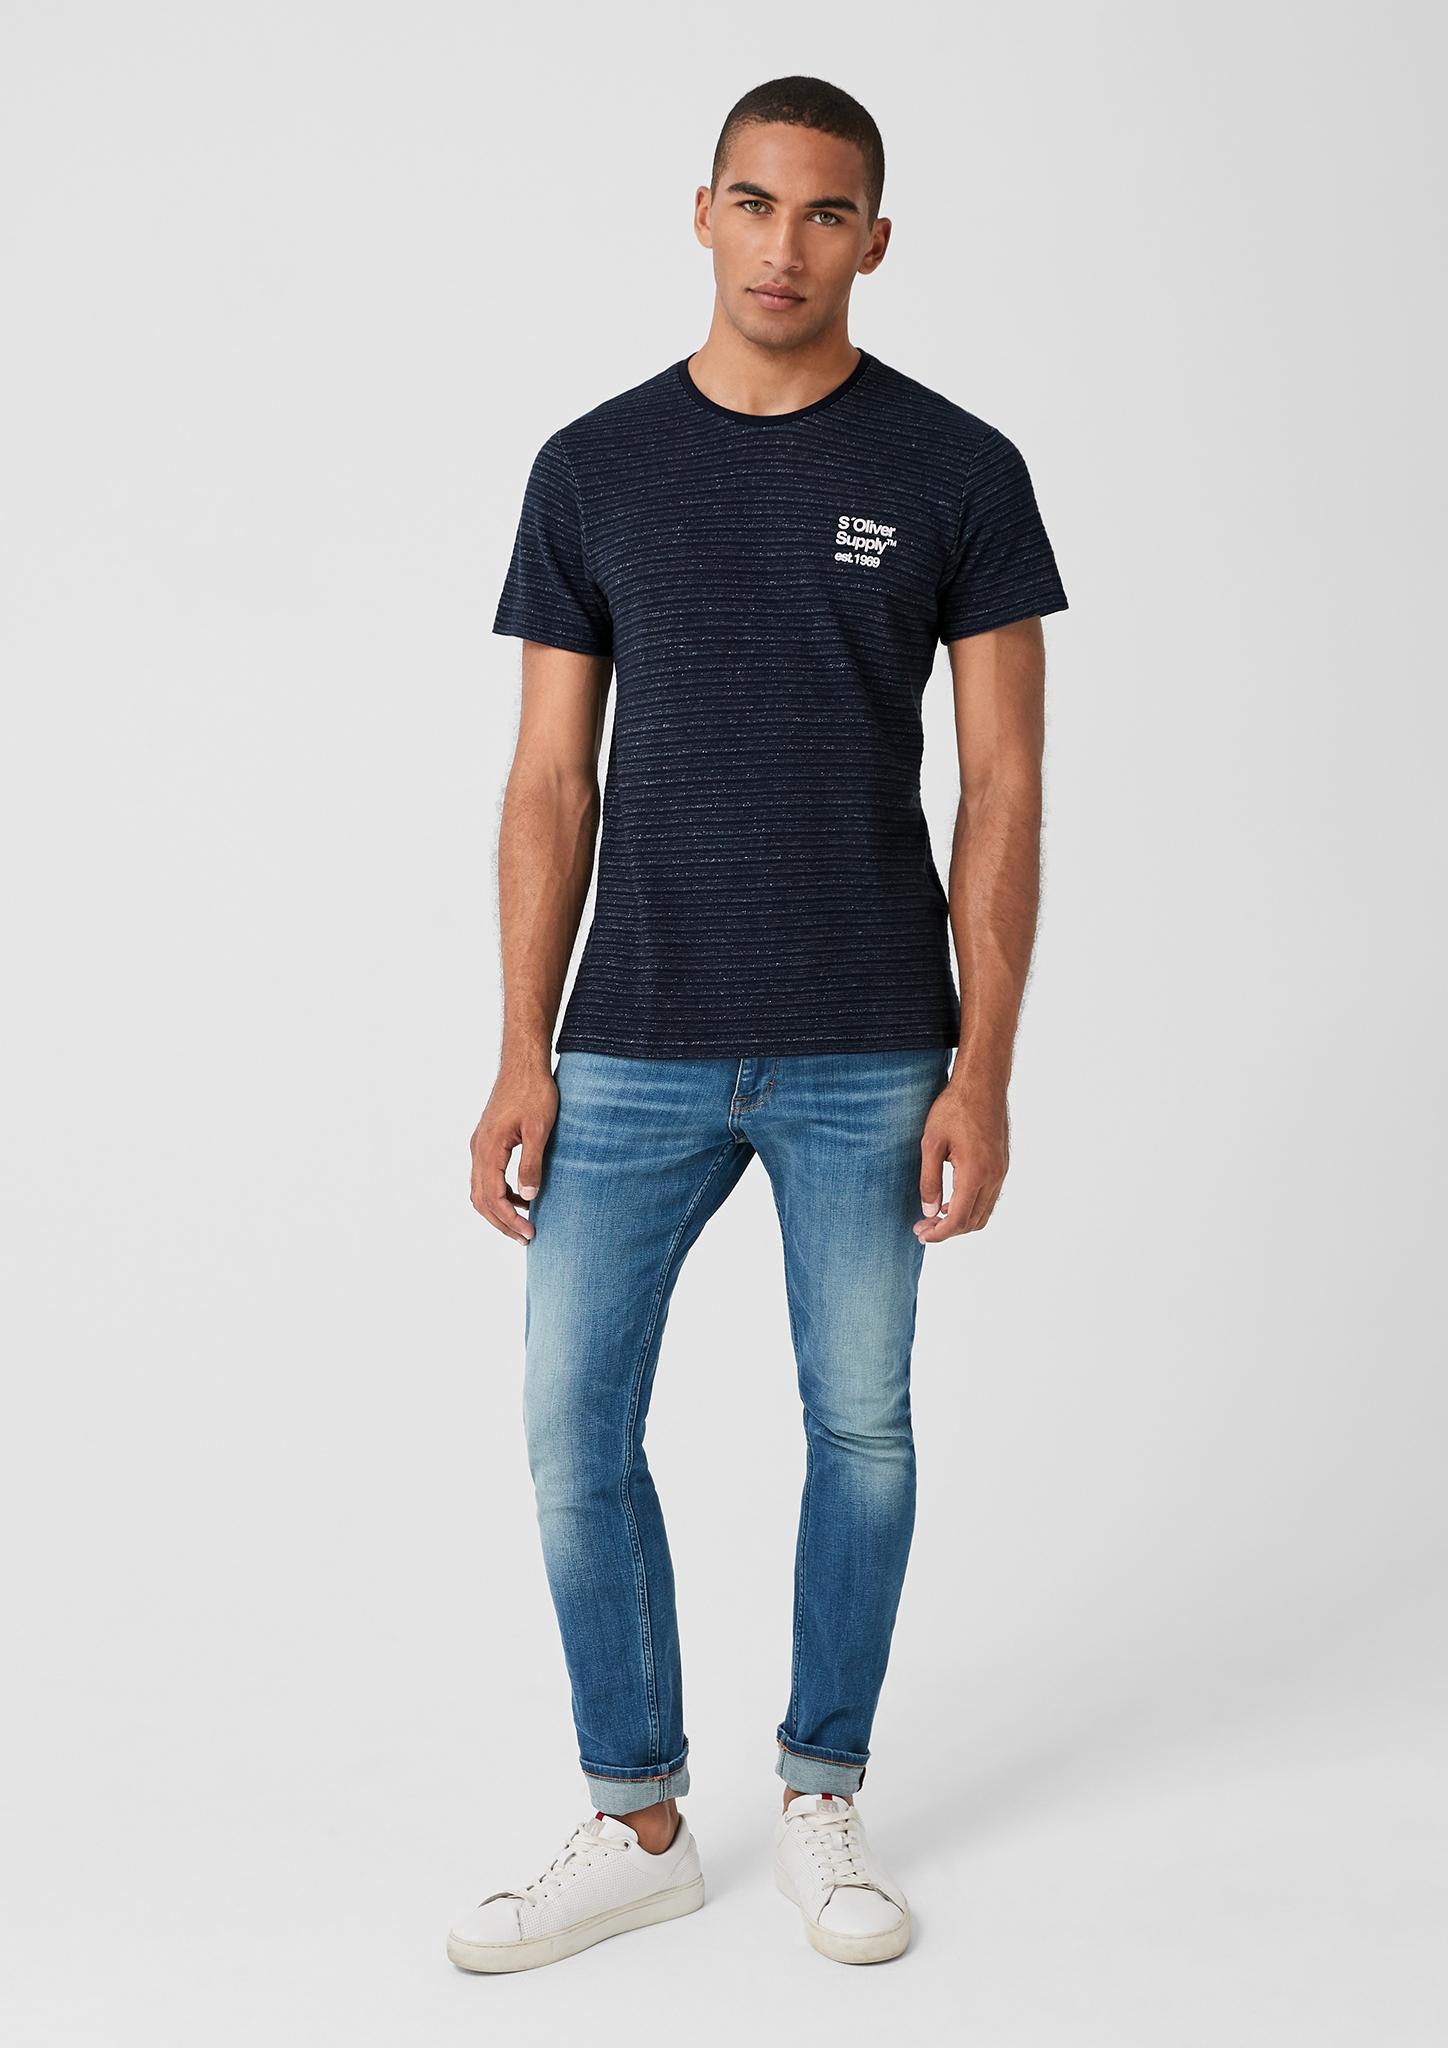 s-Oliver-Casual-Men-T-Shirt-mit-Strukturstreifen-Neu Indexbild 9